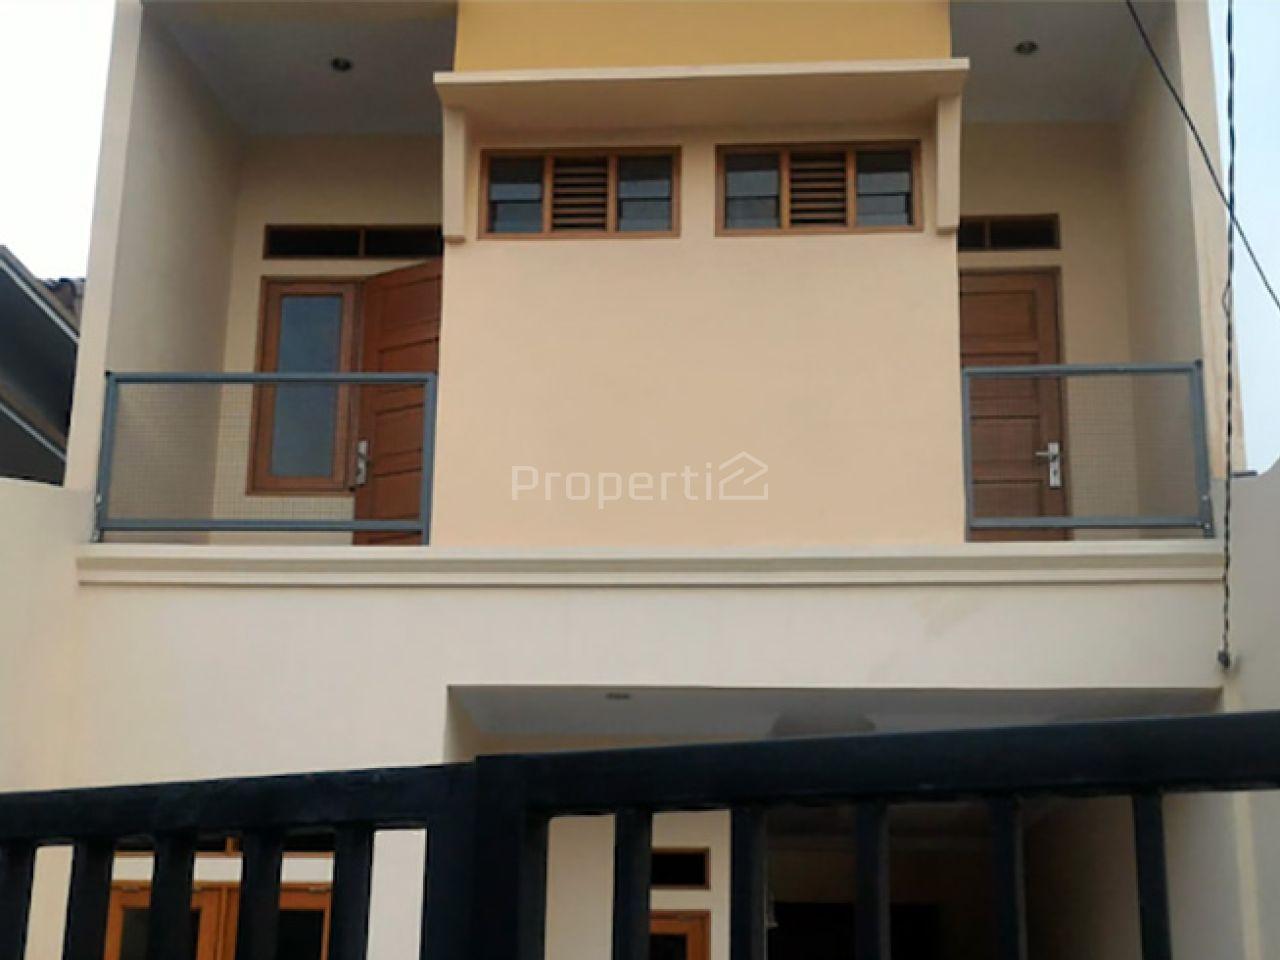 Rumah Baru Minimalis 2 Lantai Sekitar Tanjung Barat, DKI Jakarta